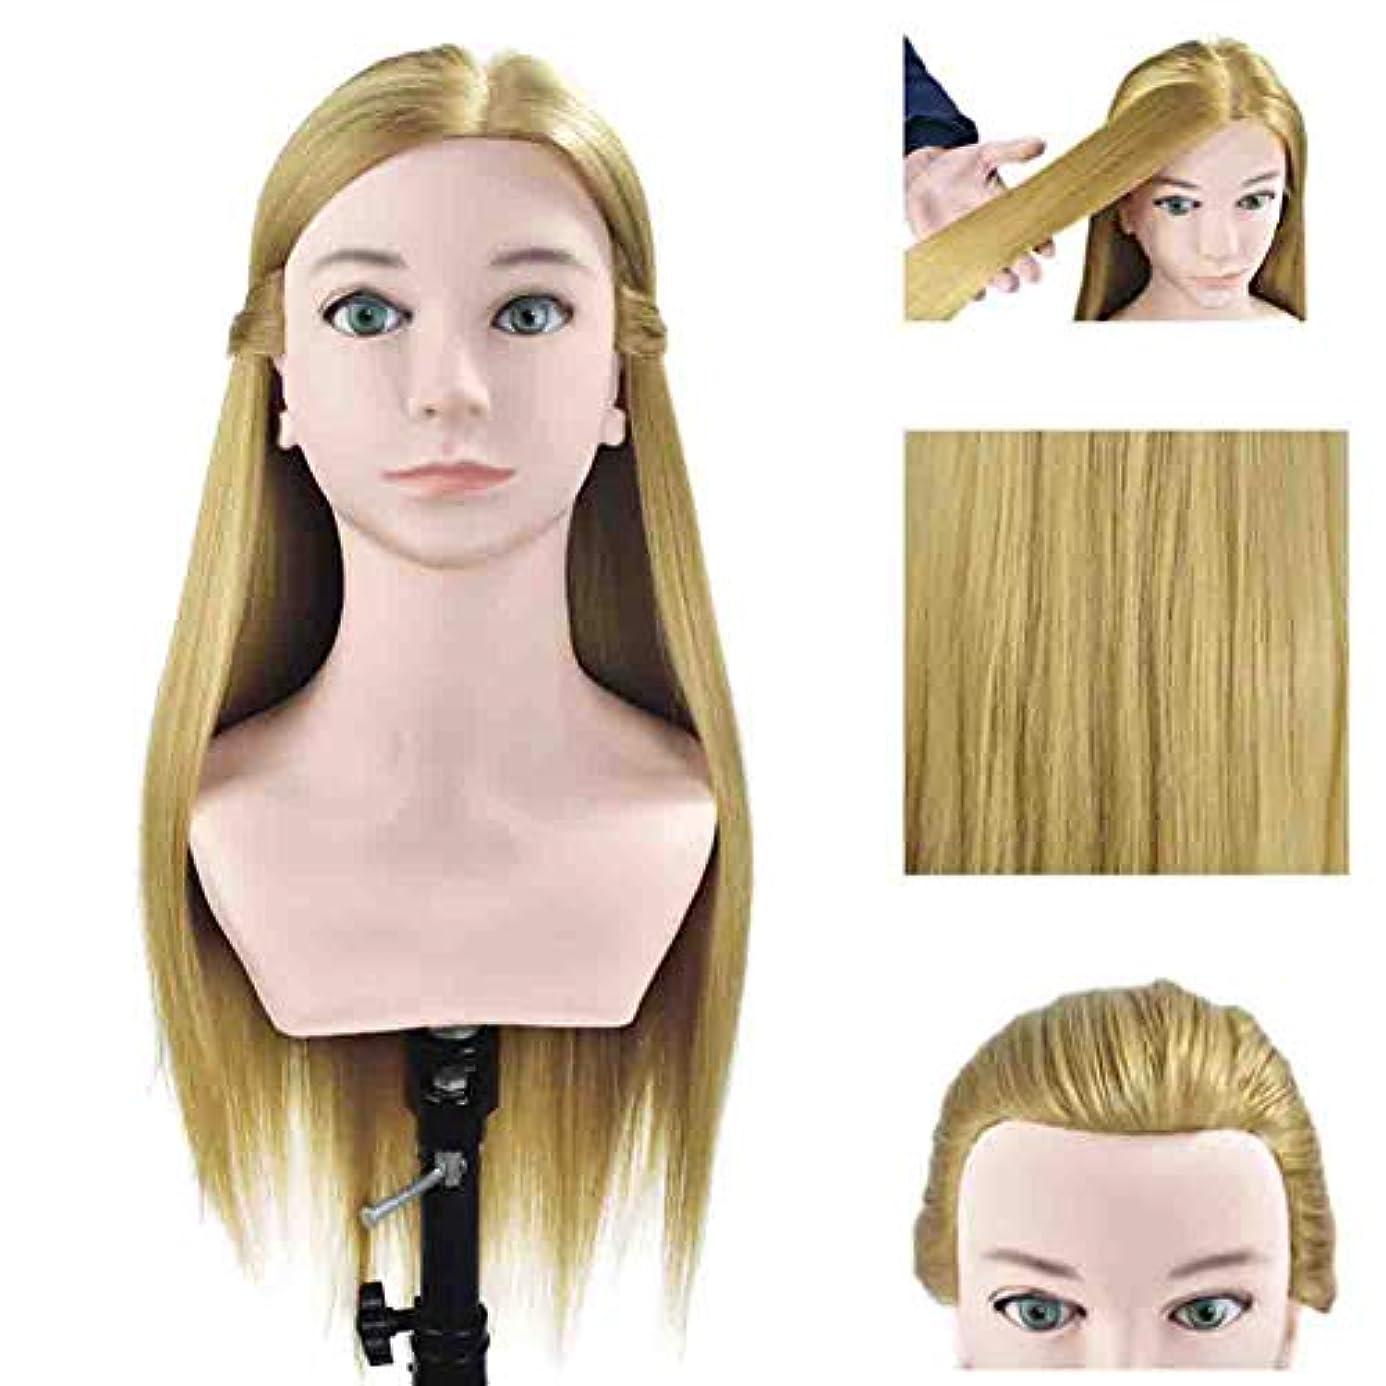 符号菊有益な理髪店パーマ髪染め練習かつらヘッドモデルリアルヘアマネキンヘッド化粧散髪練習ダミーヘッド